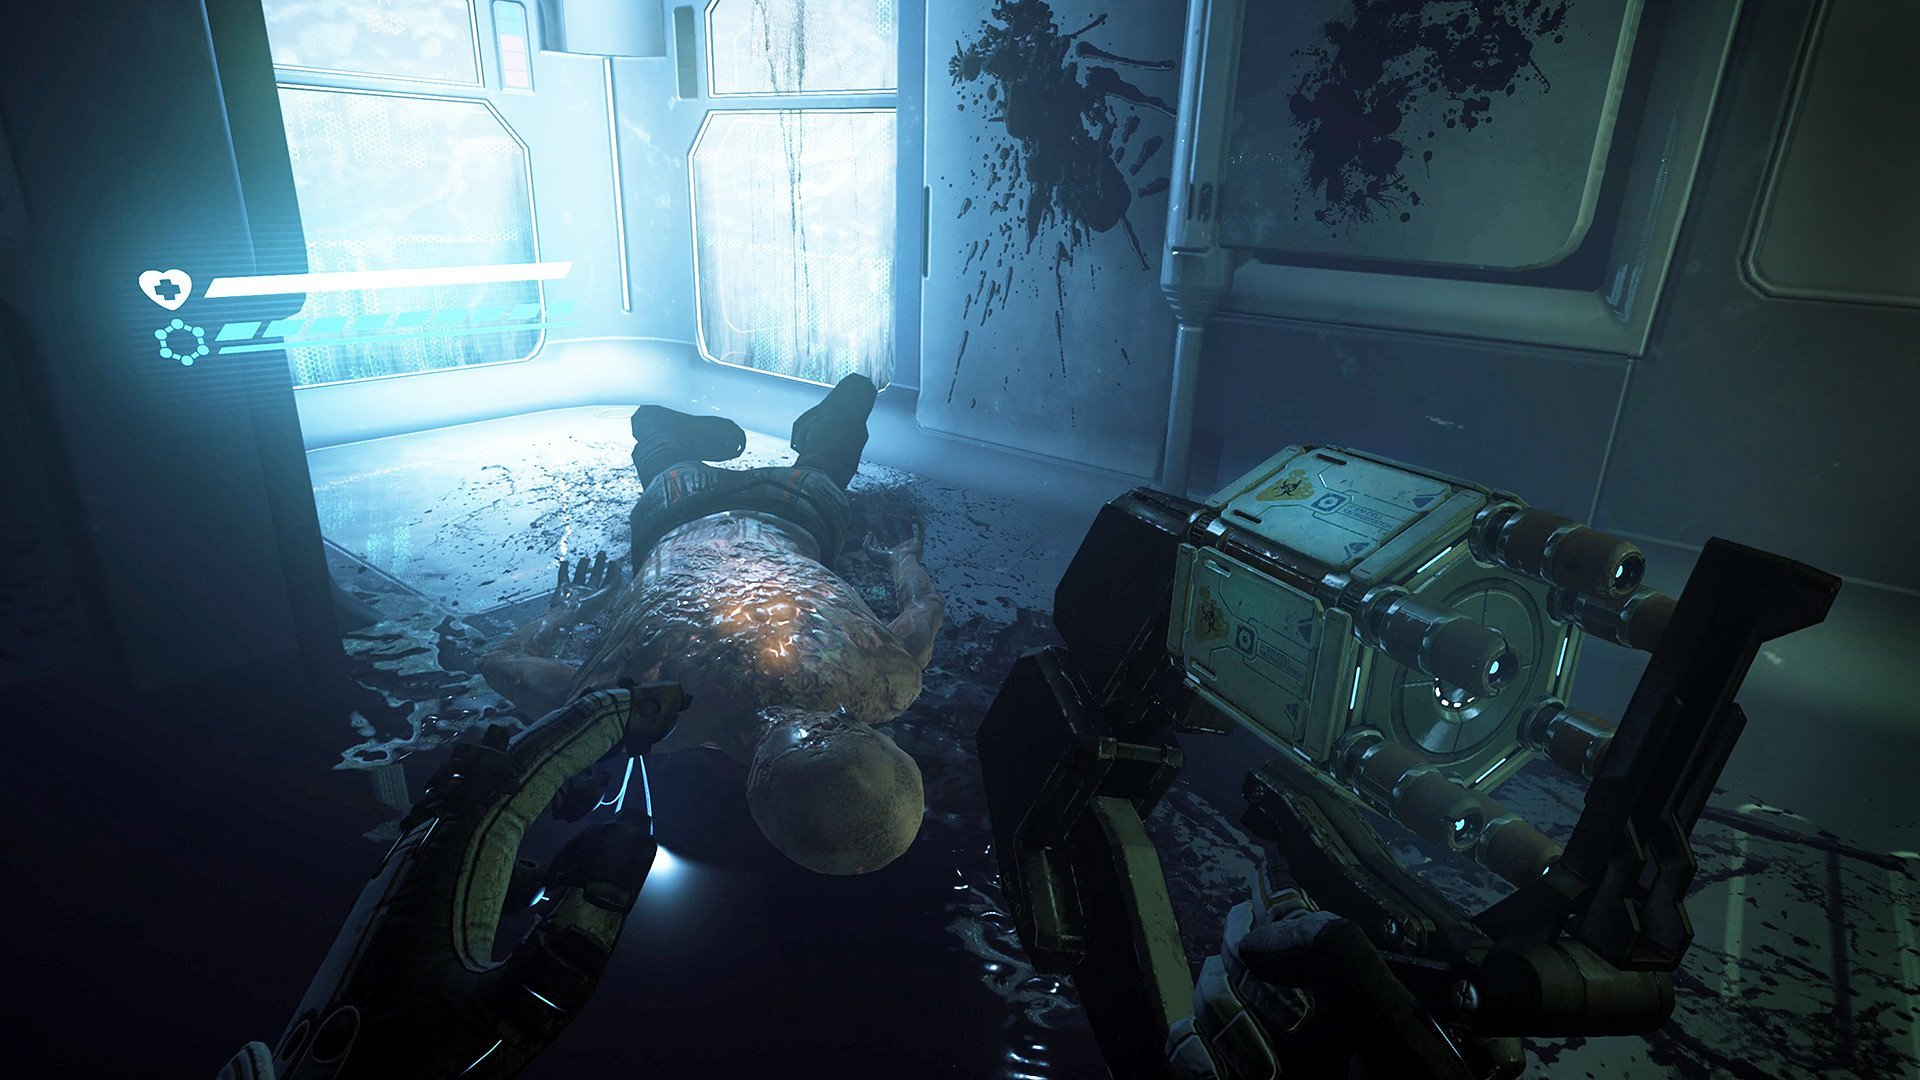 Скриншот к игре The Persistence [CODEX] (2020) скачать торрент Лицензия